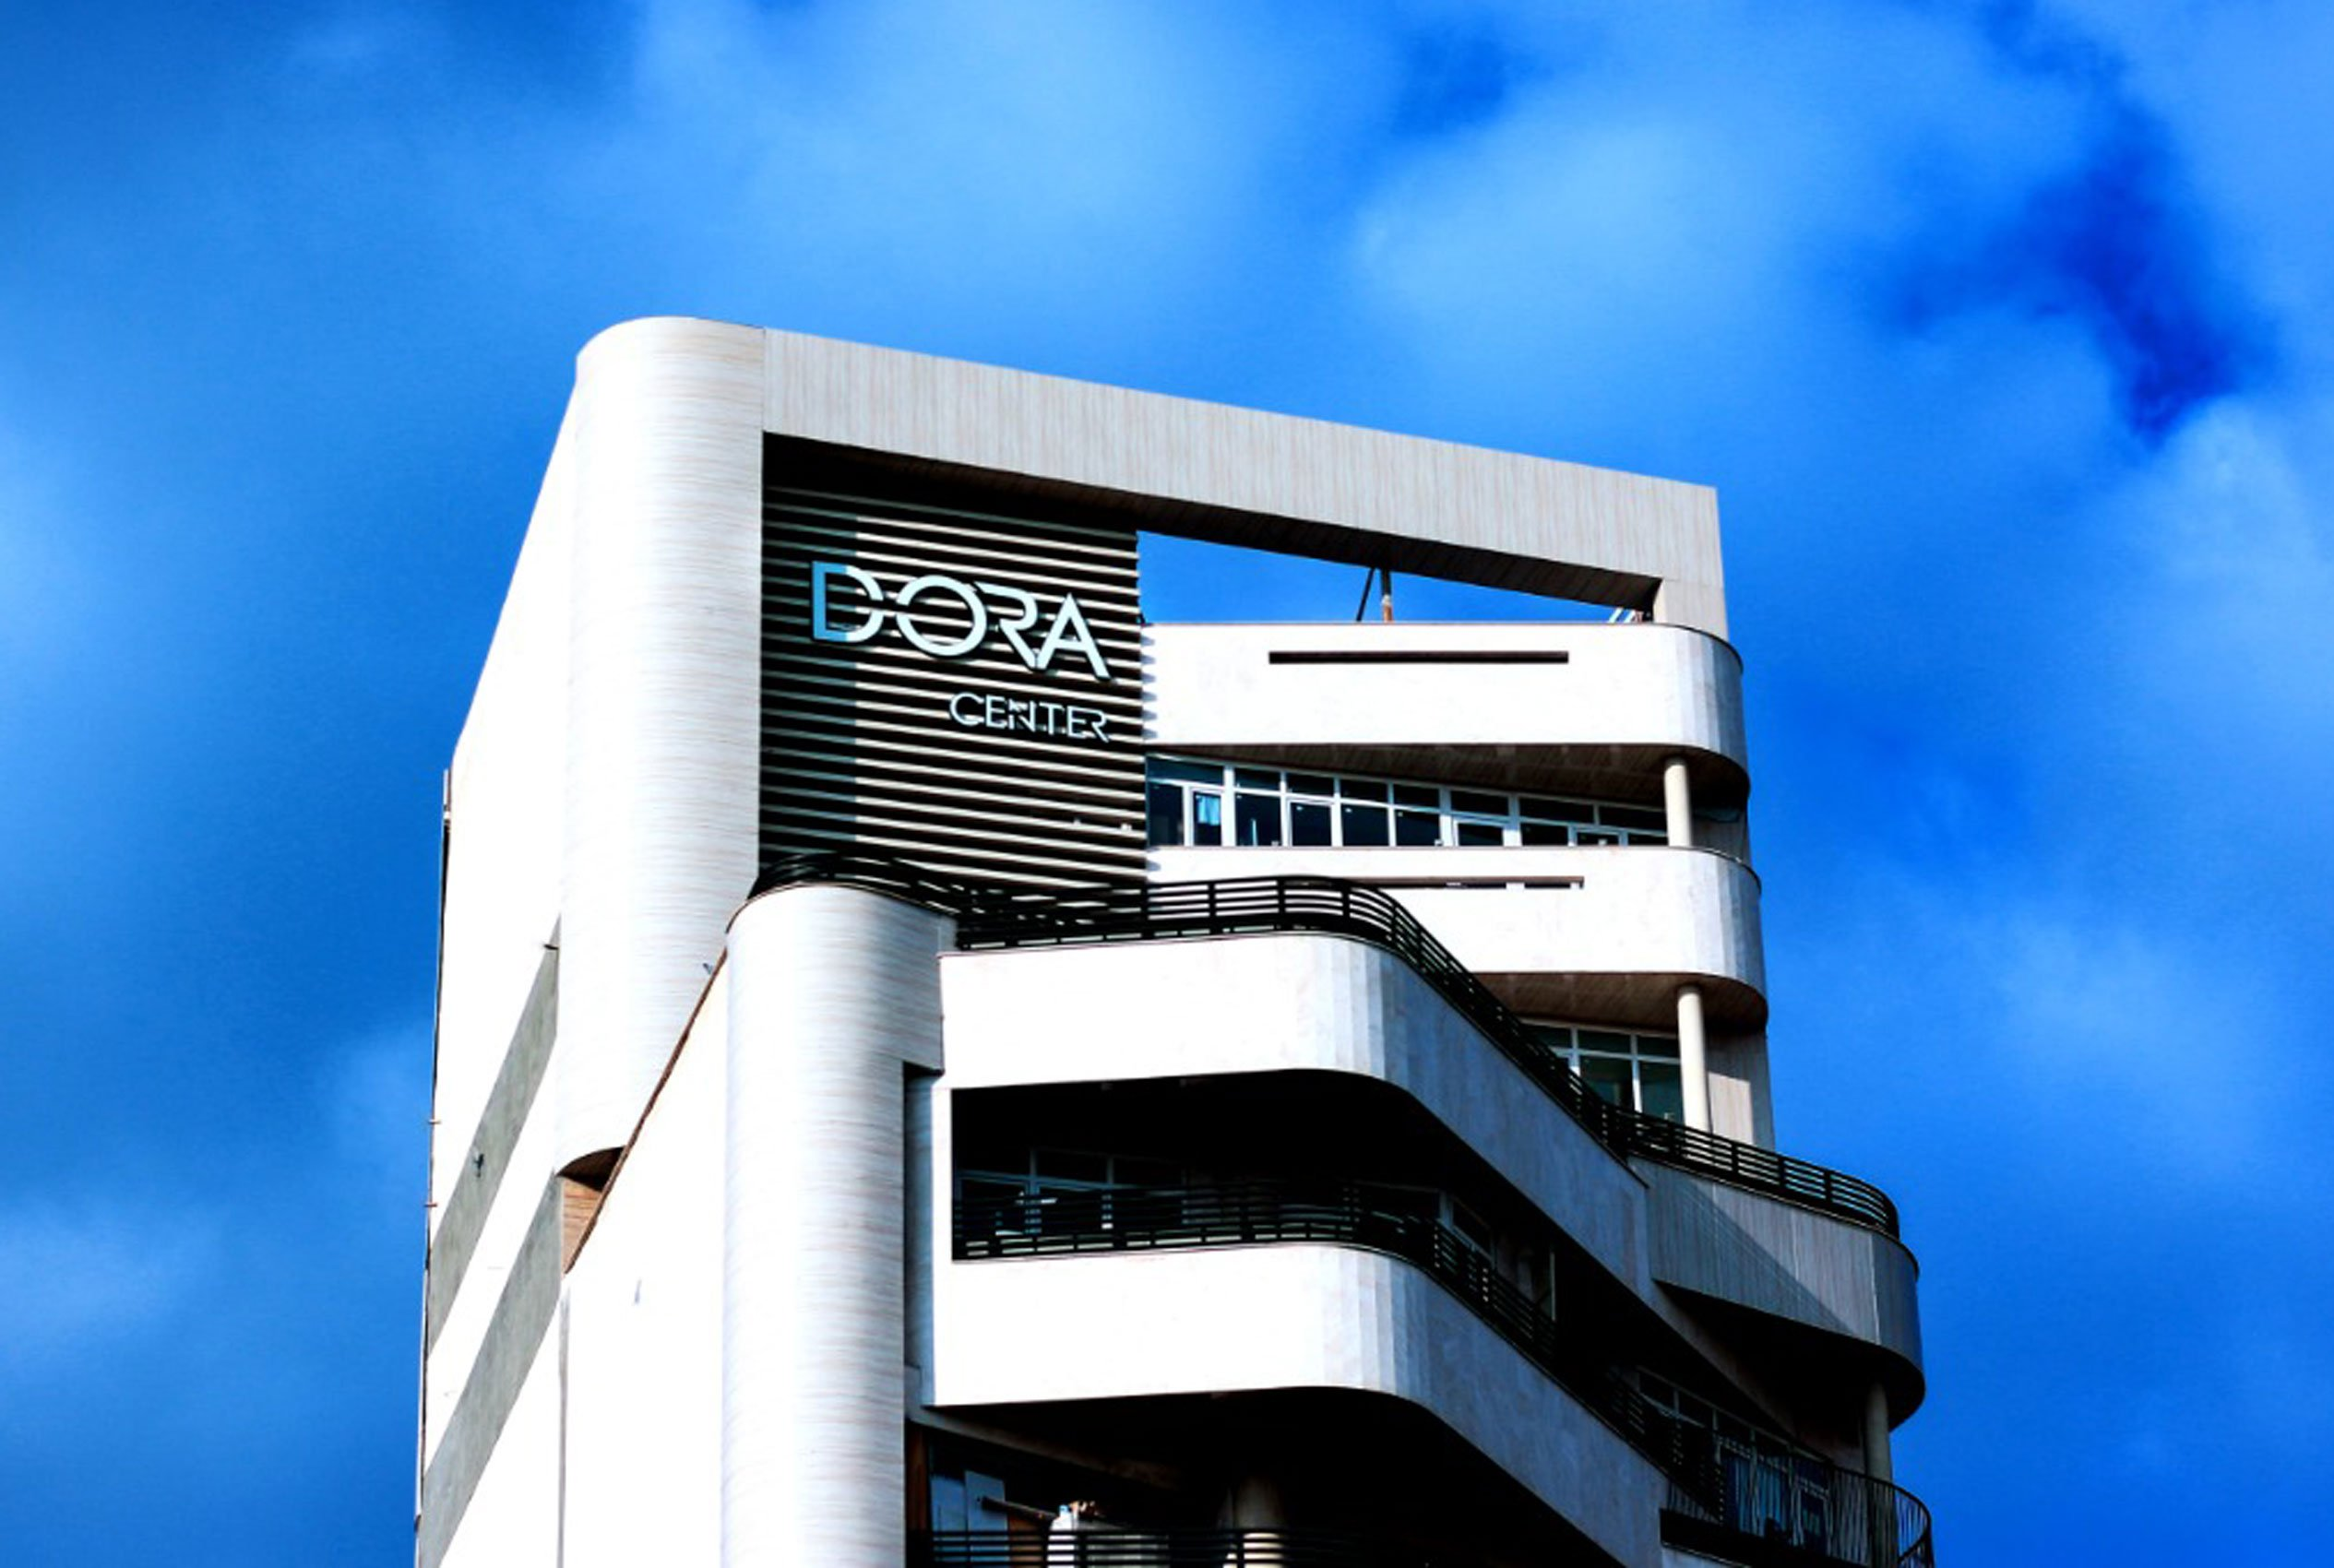 DORA Center